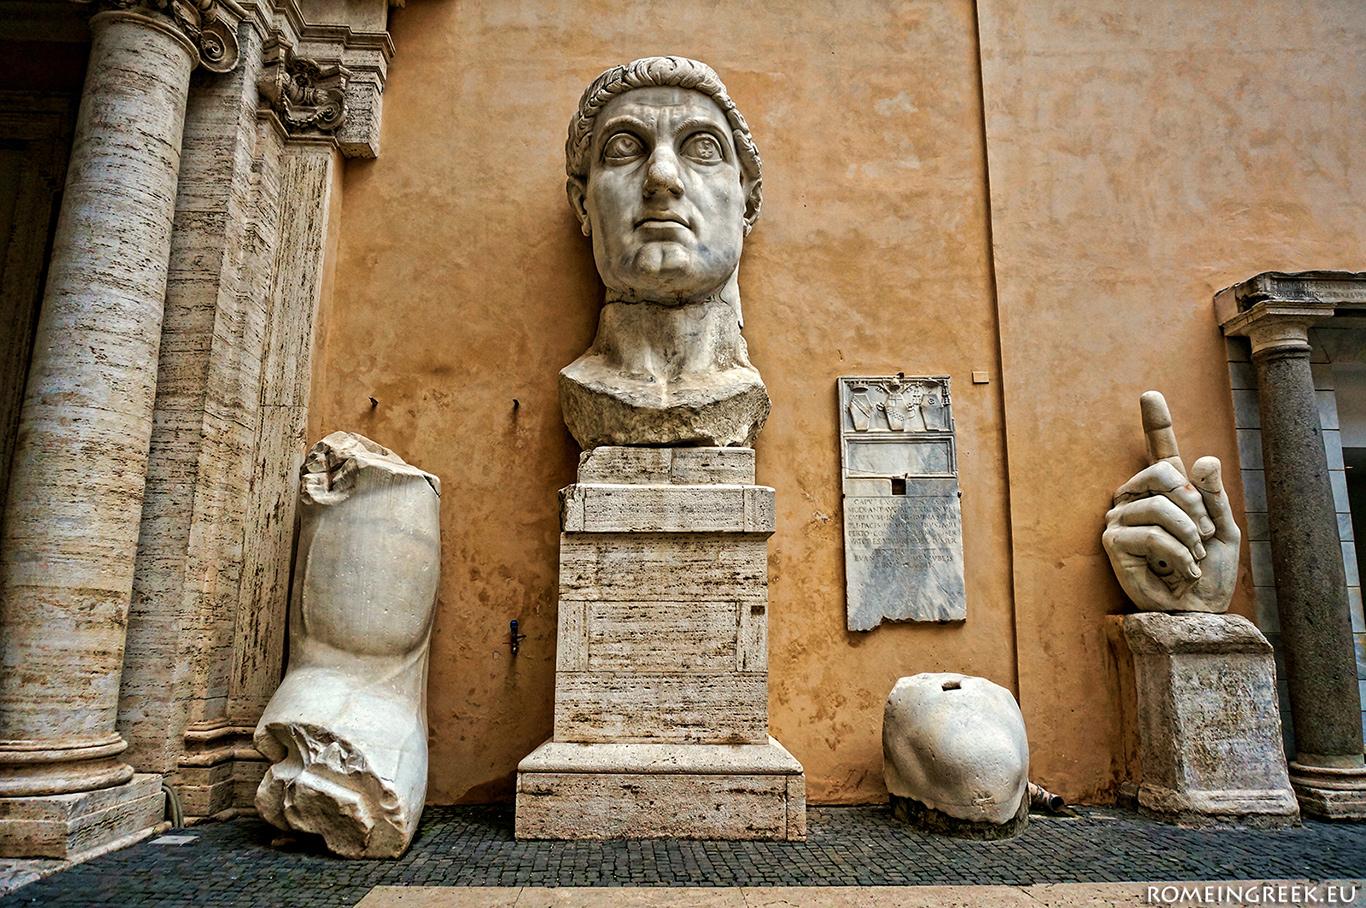 Μέρη από το κολοσσιαίο αγαλμα του Μ. Κωνσταντίνου